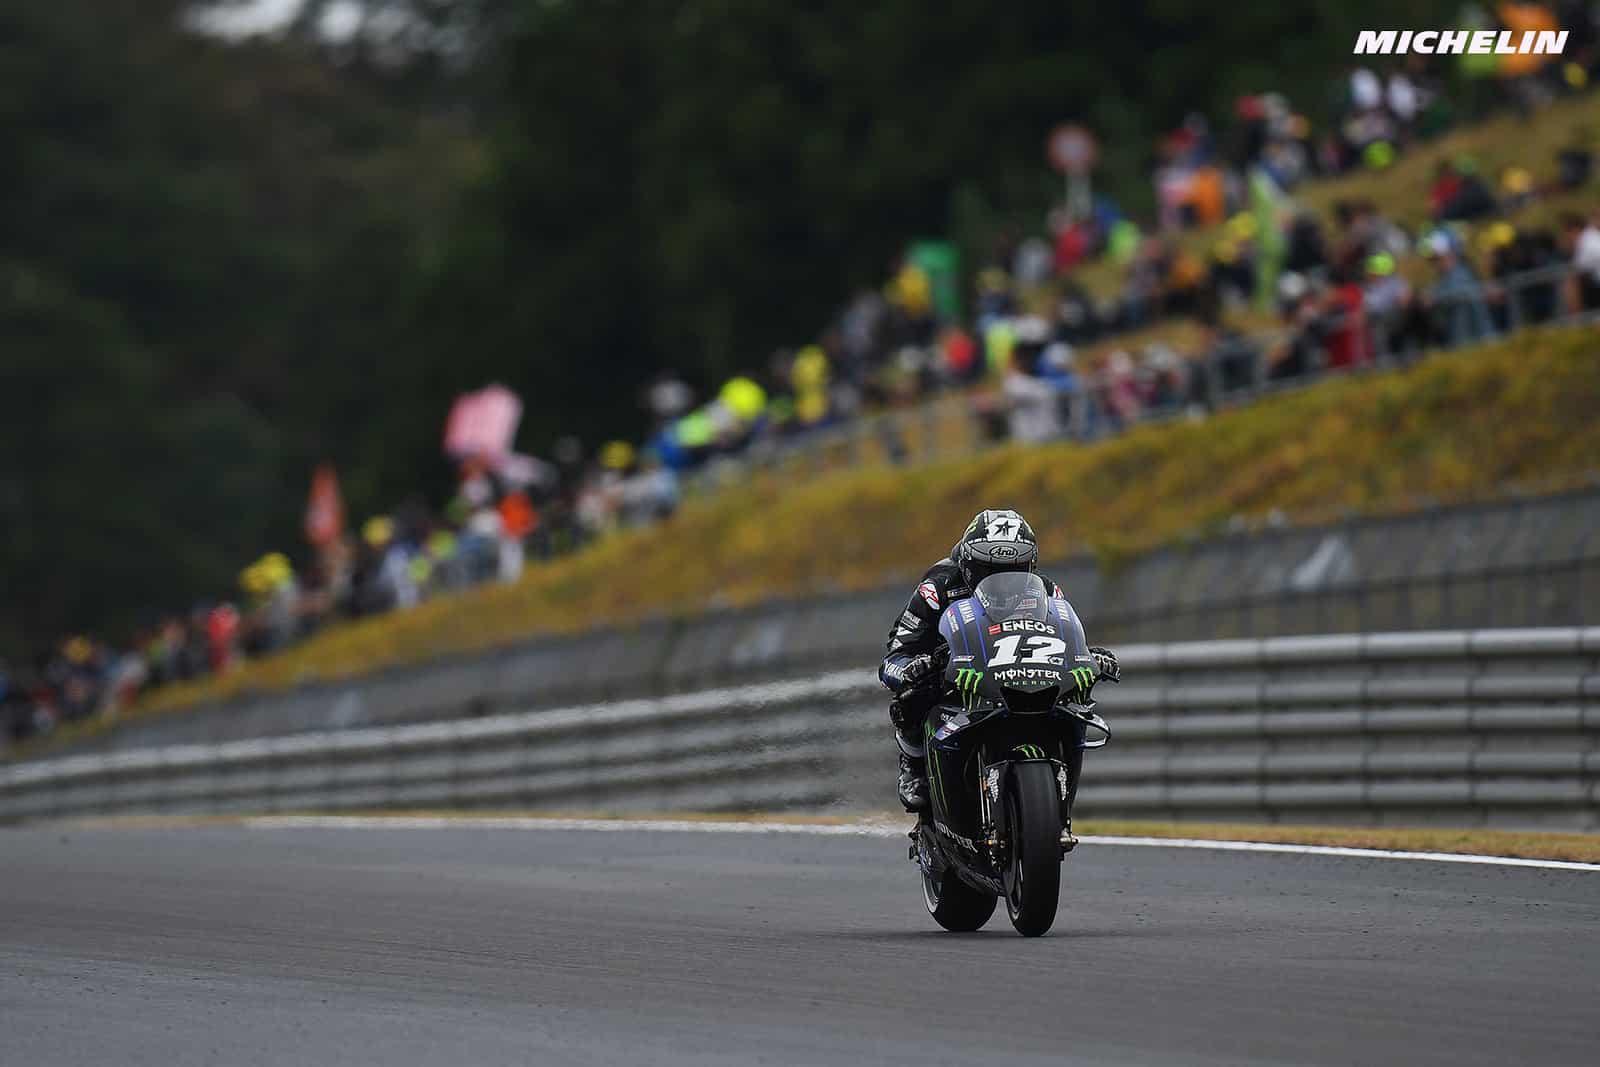 MotoGP2019日本GP 予選4位ビニャーレス「フロントで優勝を狙っていく」